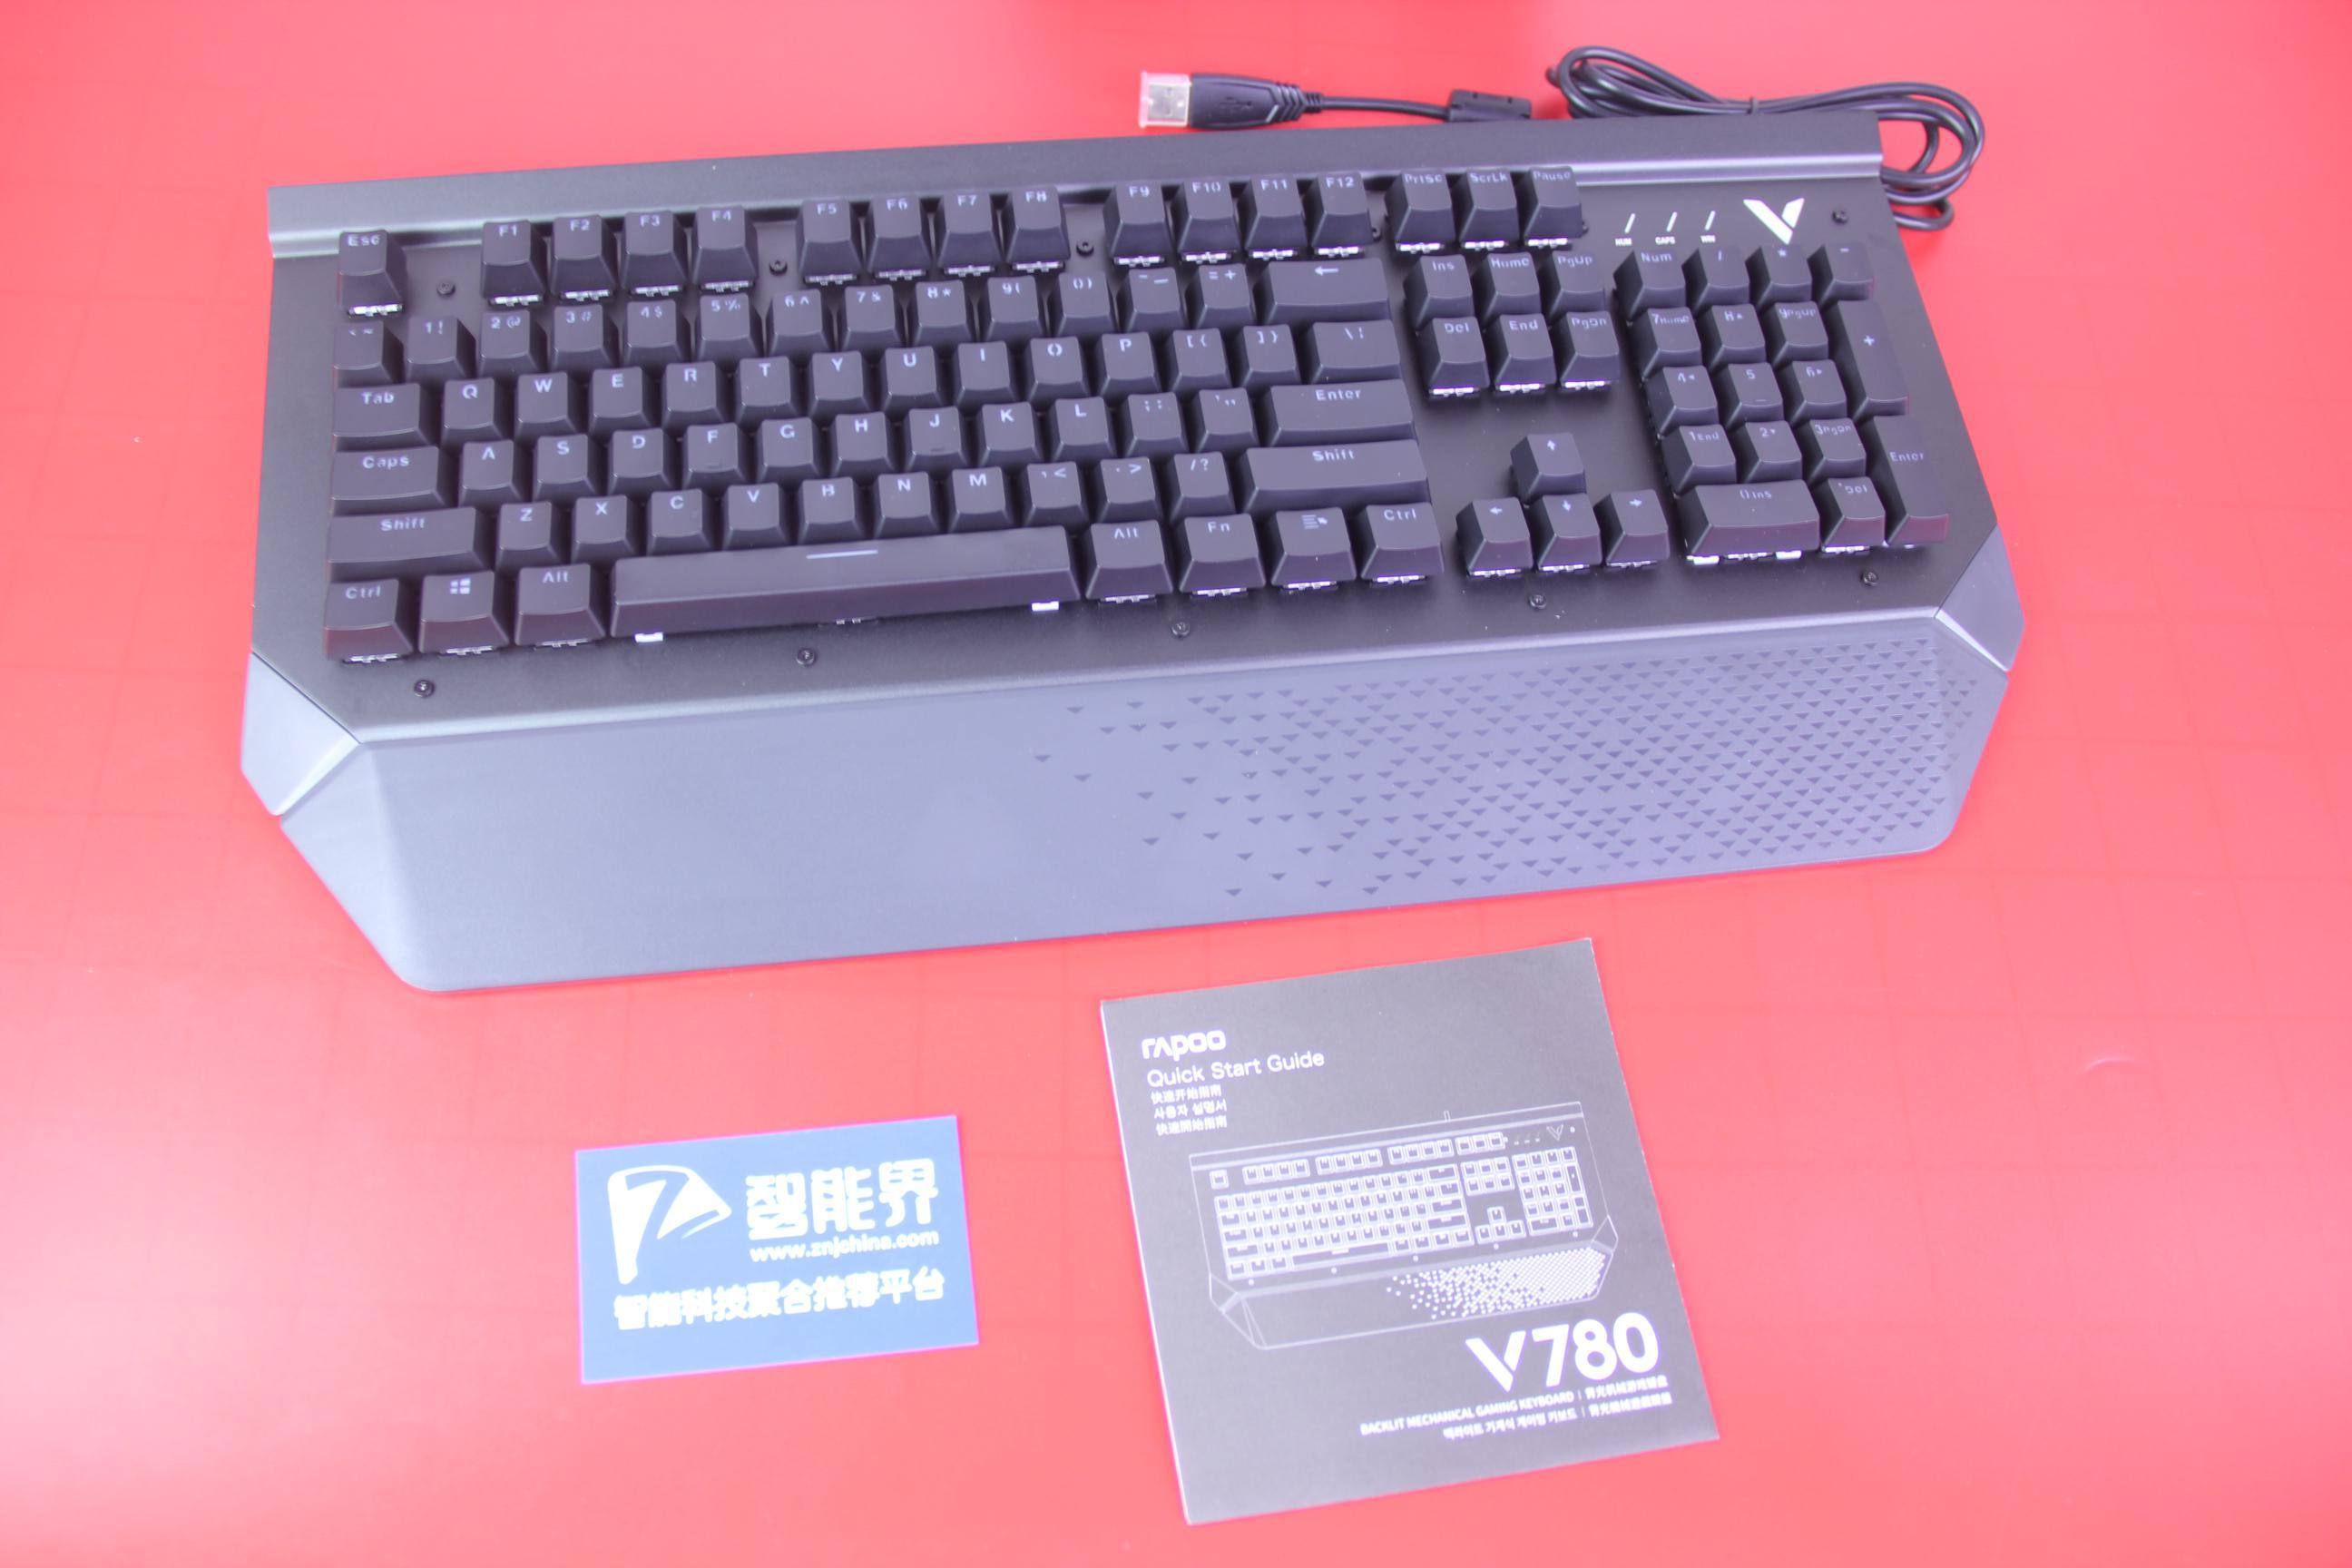 游戏办公皆可的外设必备——雷柏V780防水背光机械键盘